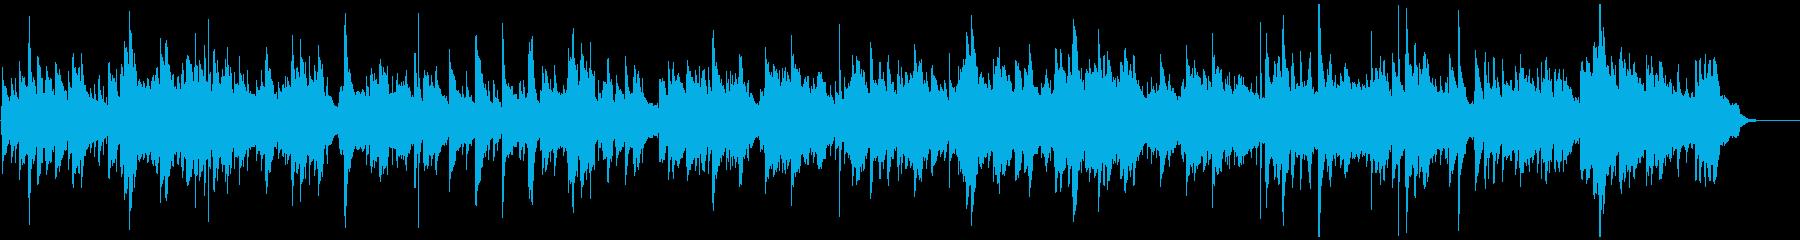 優しいアイリッシュ風ワルツの再生済みの波形